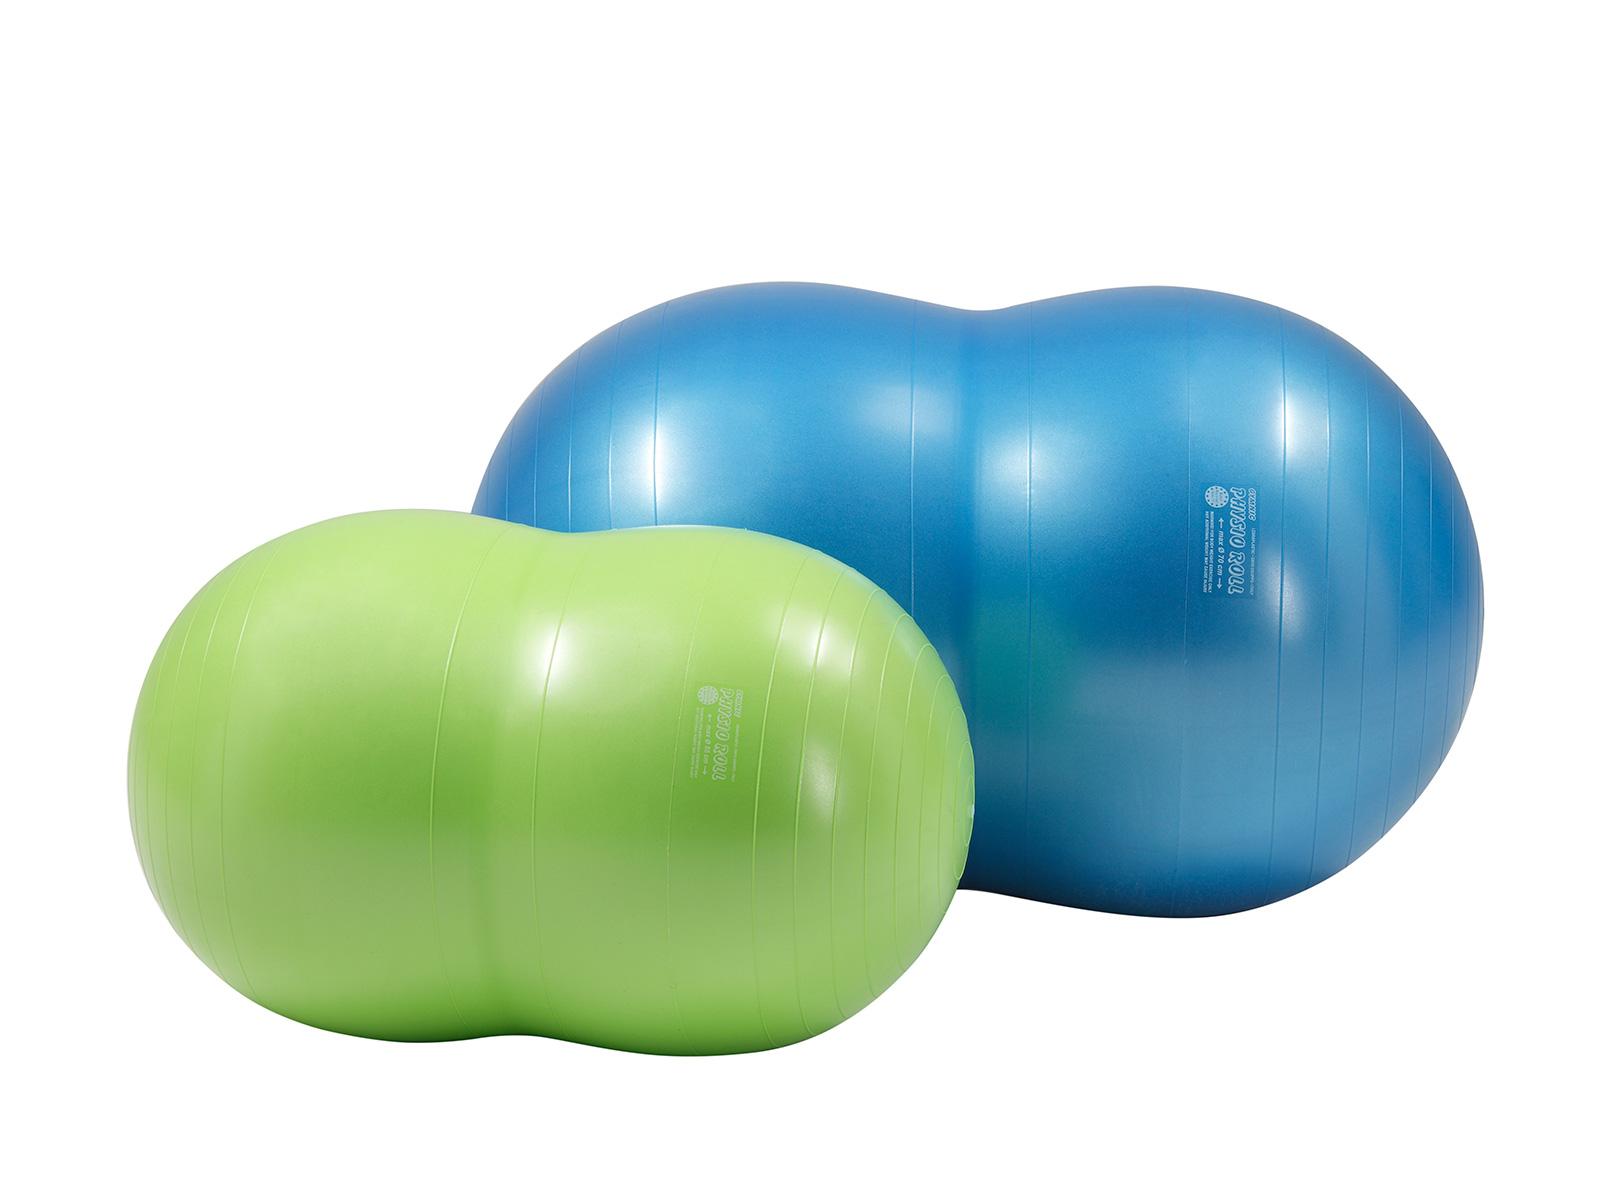 【Wアクションポンププレゼント】フィジオロールPLUS70 青色 イタリア レードラプラスチック社製 ギムニク  バランスボール 送料無料